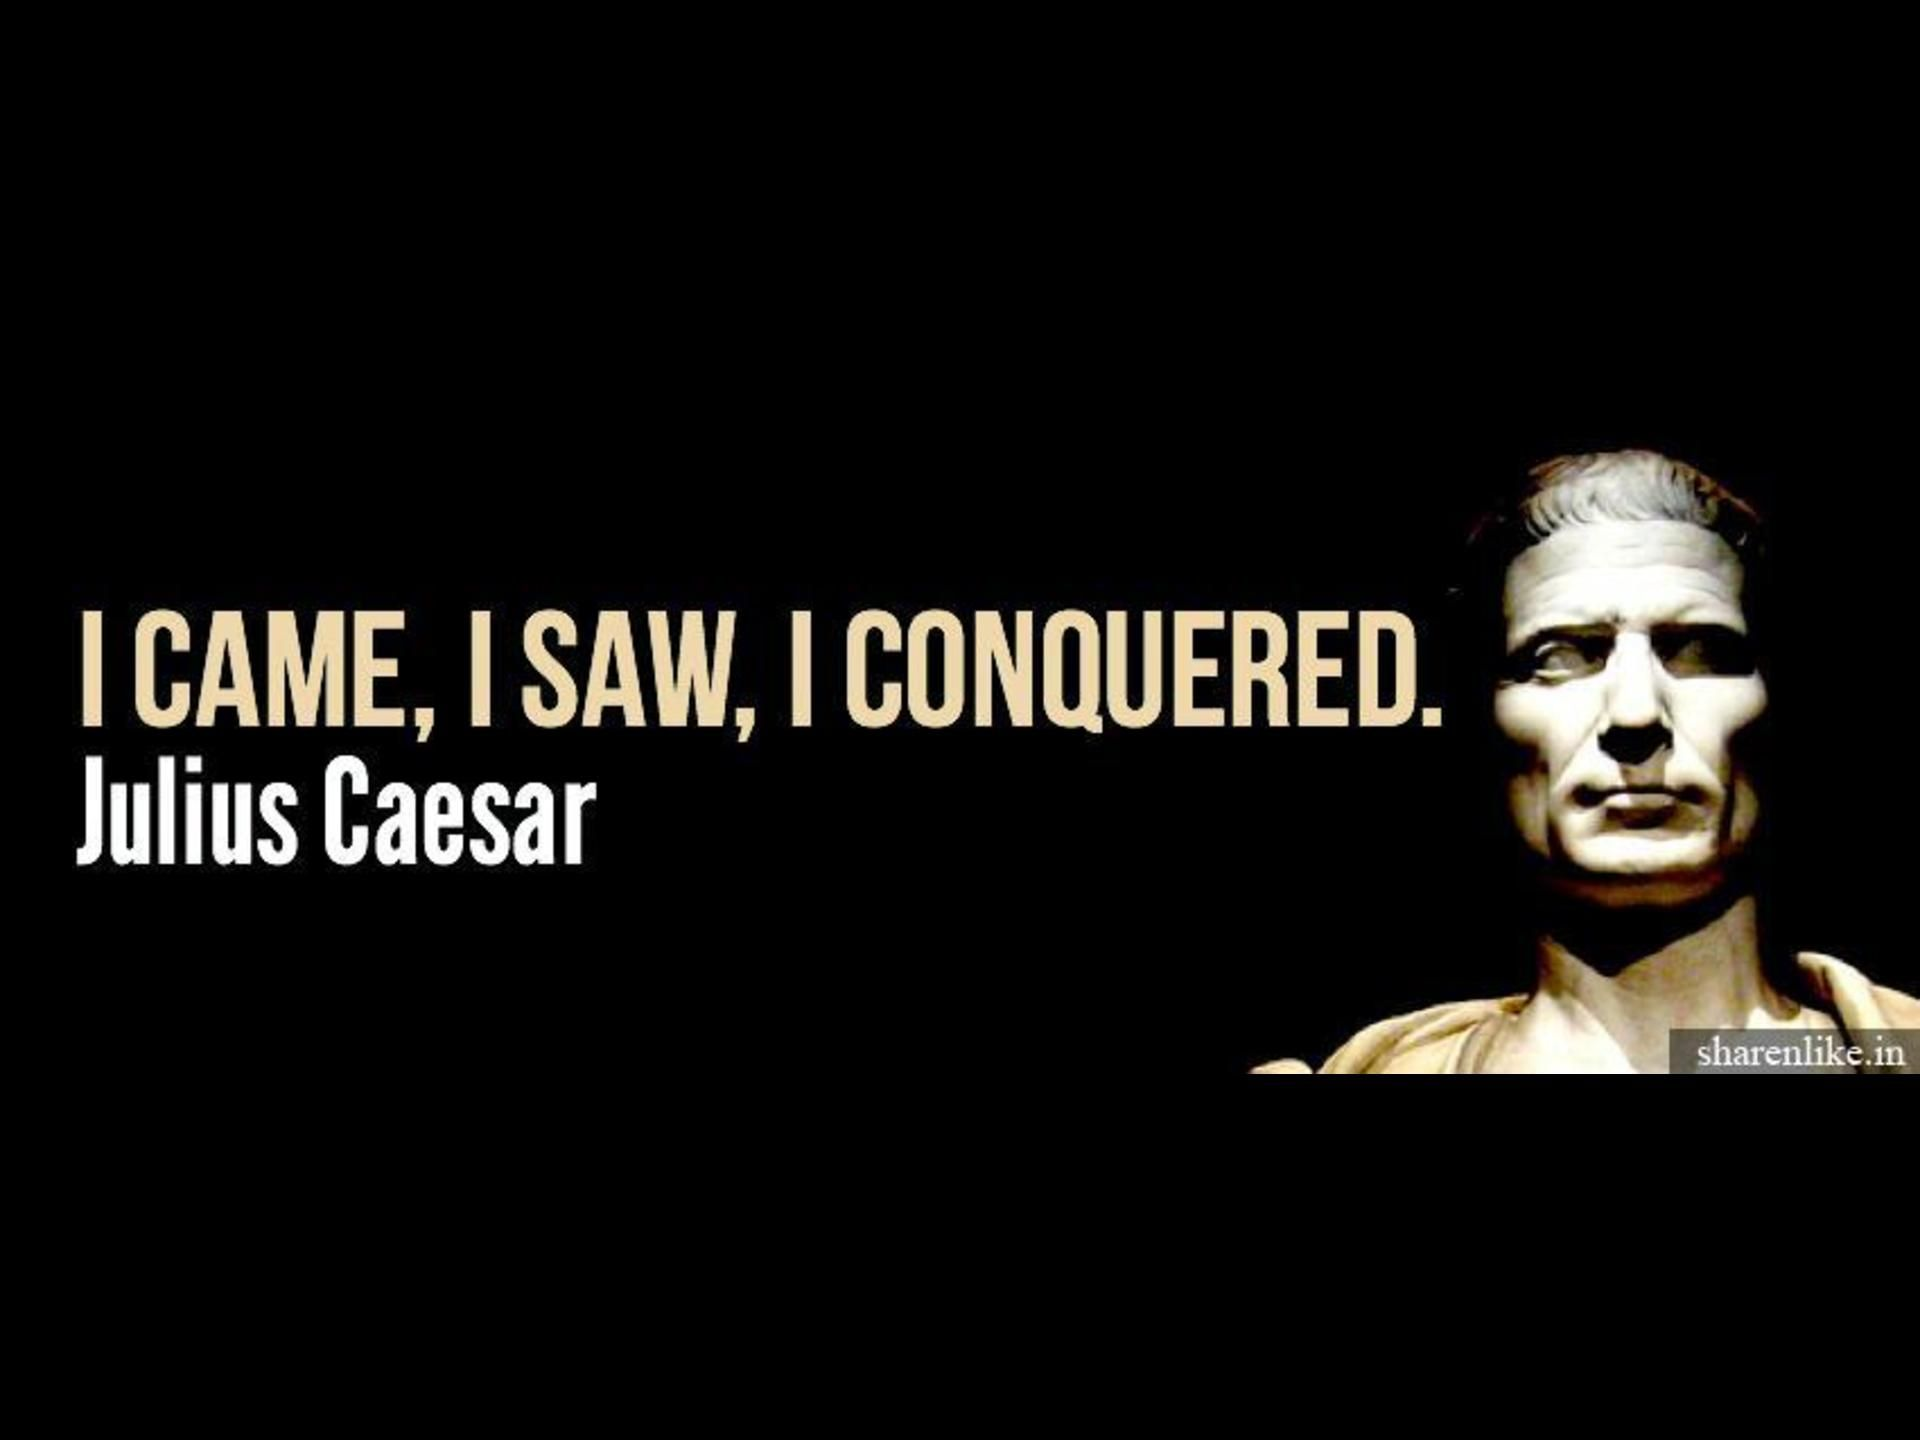 Julius Caesar Fb Covers Quotes Facebook Picture That's